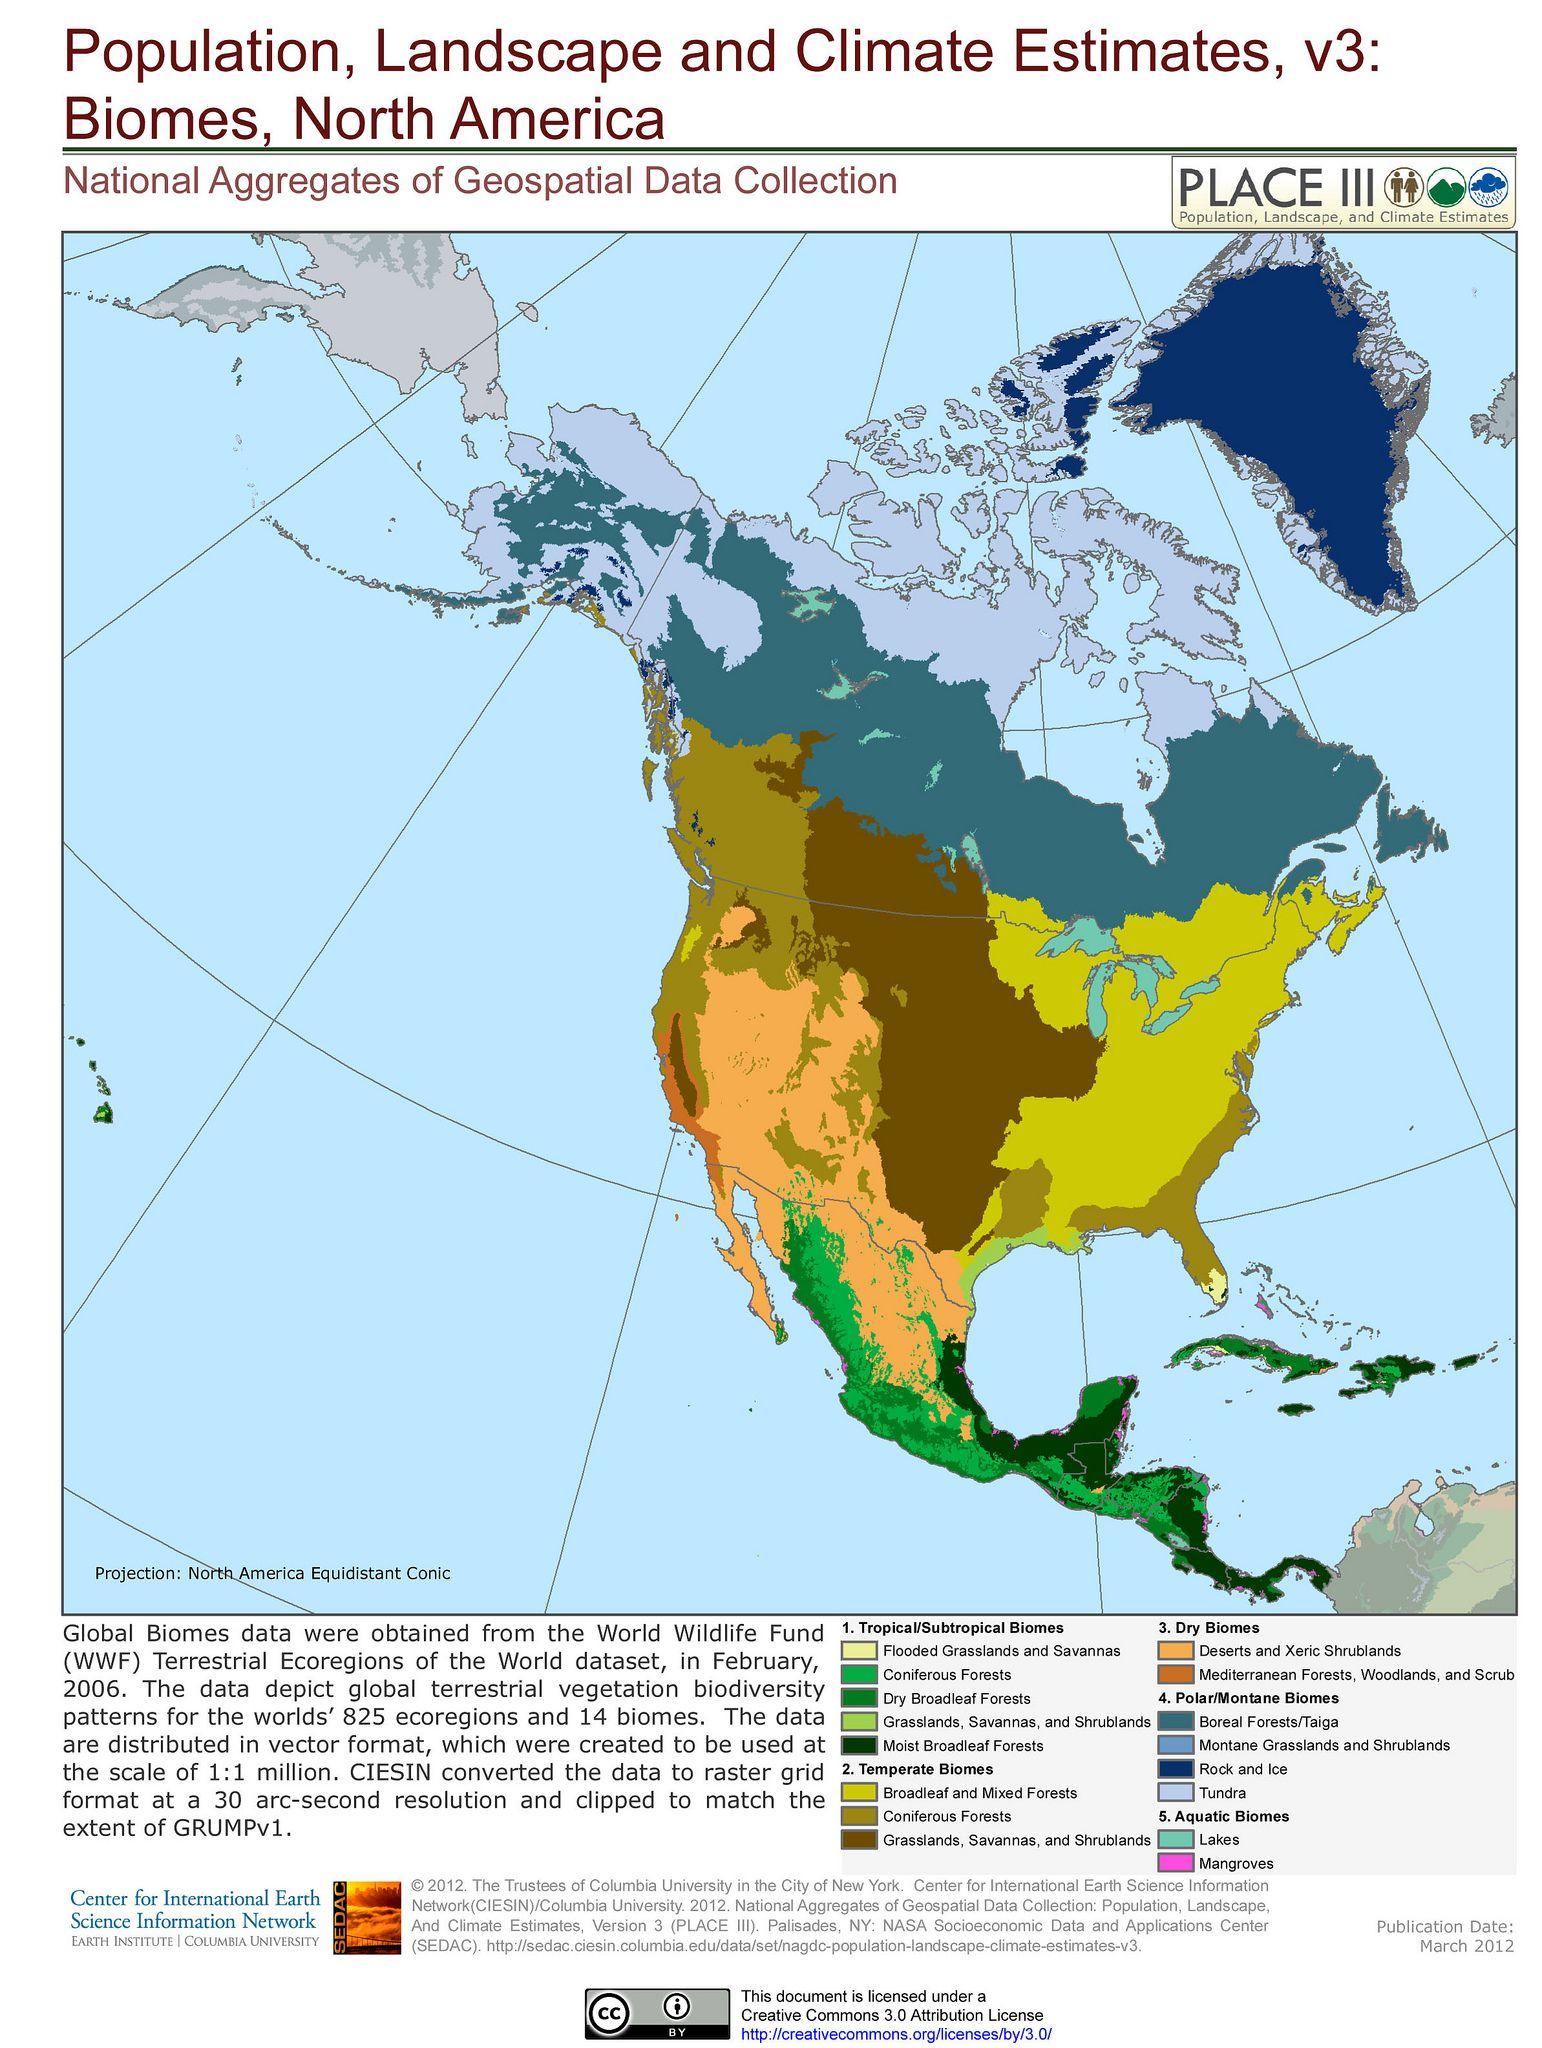 Biomes North America